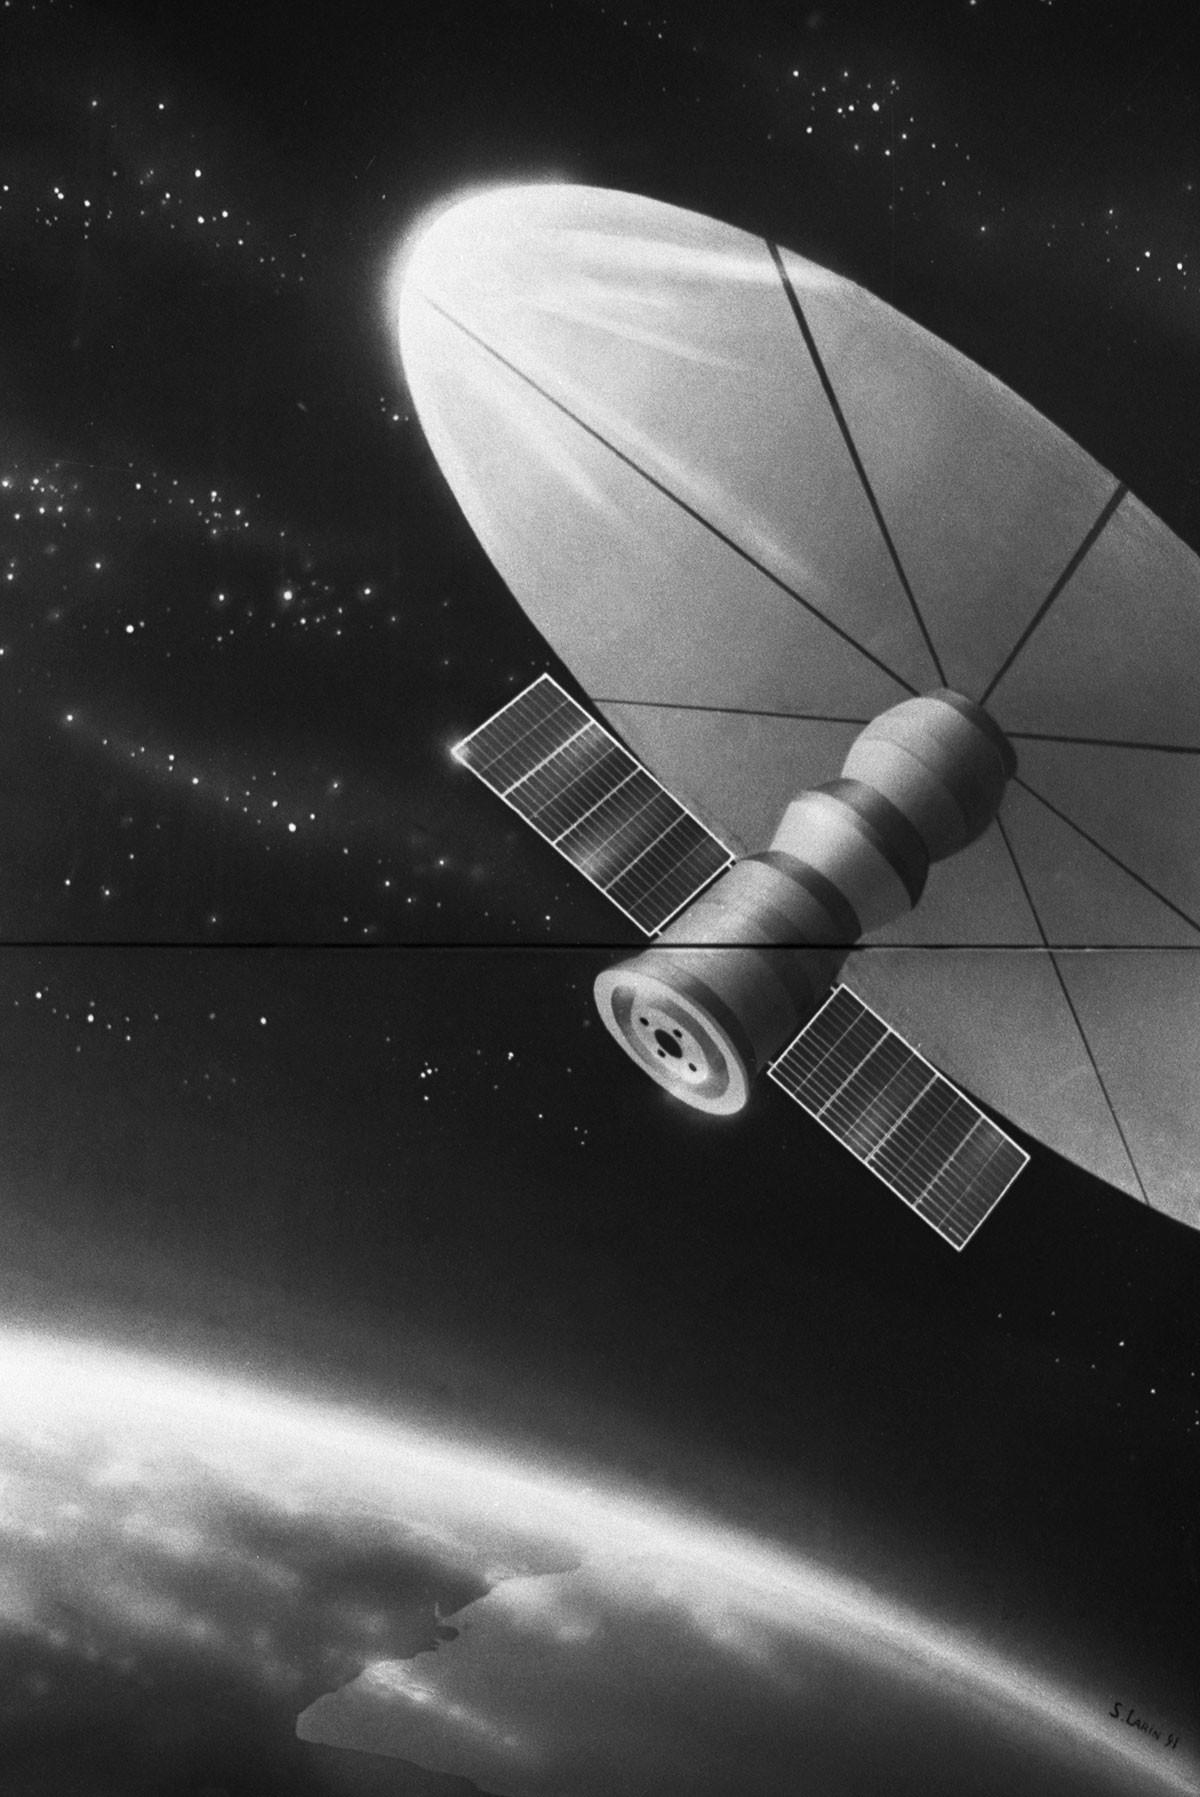 Le vaisseau Progress avec la voile solaire